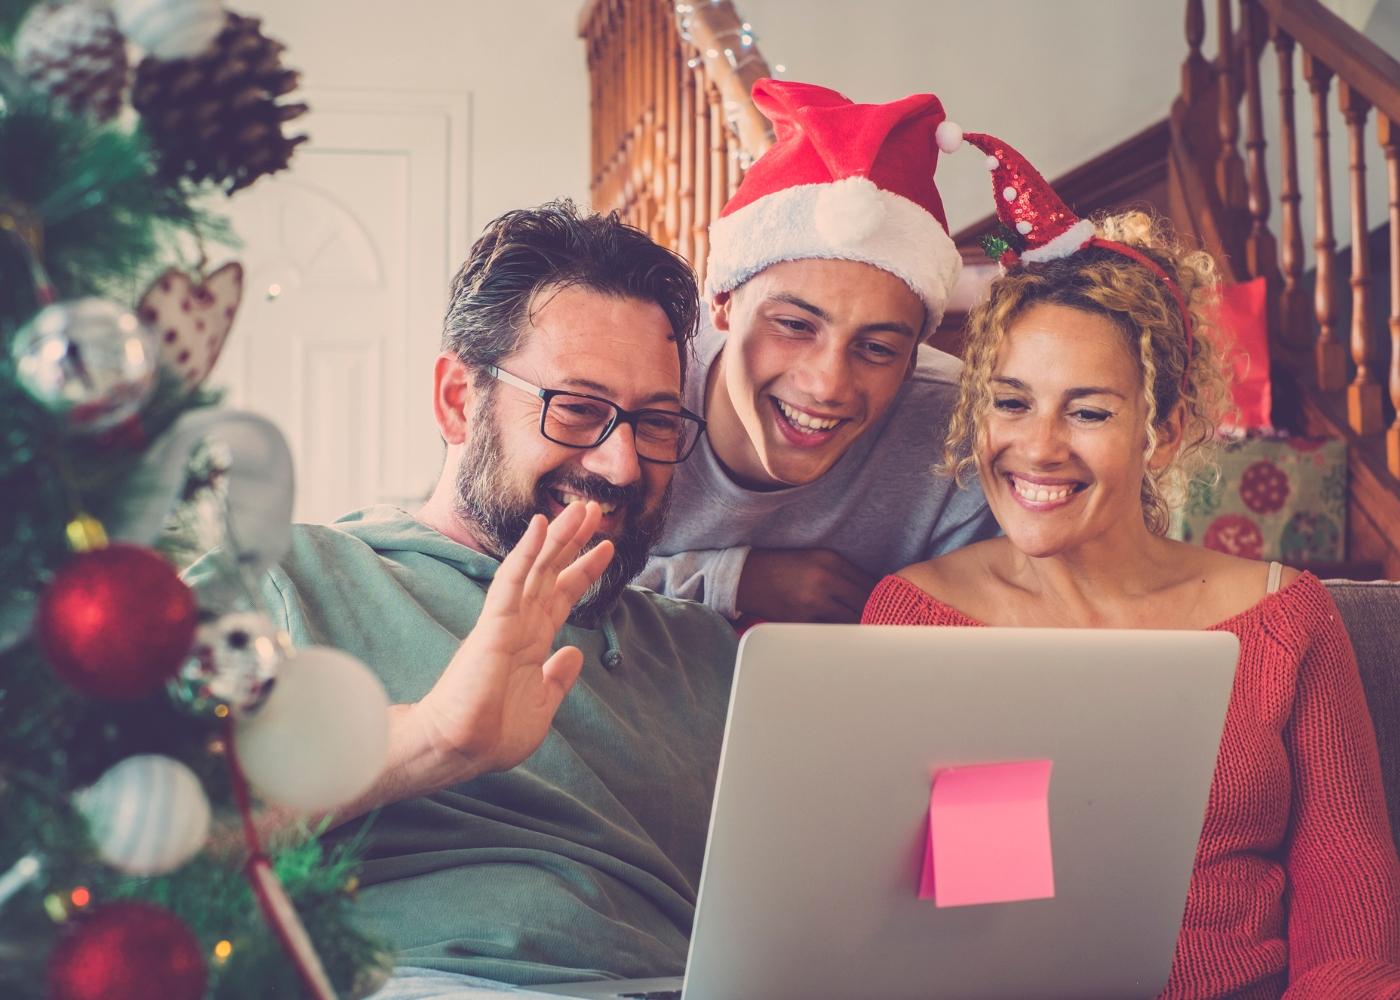 Família a falar com amigos por videoconferência no Natal